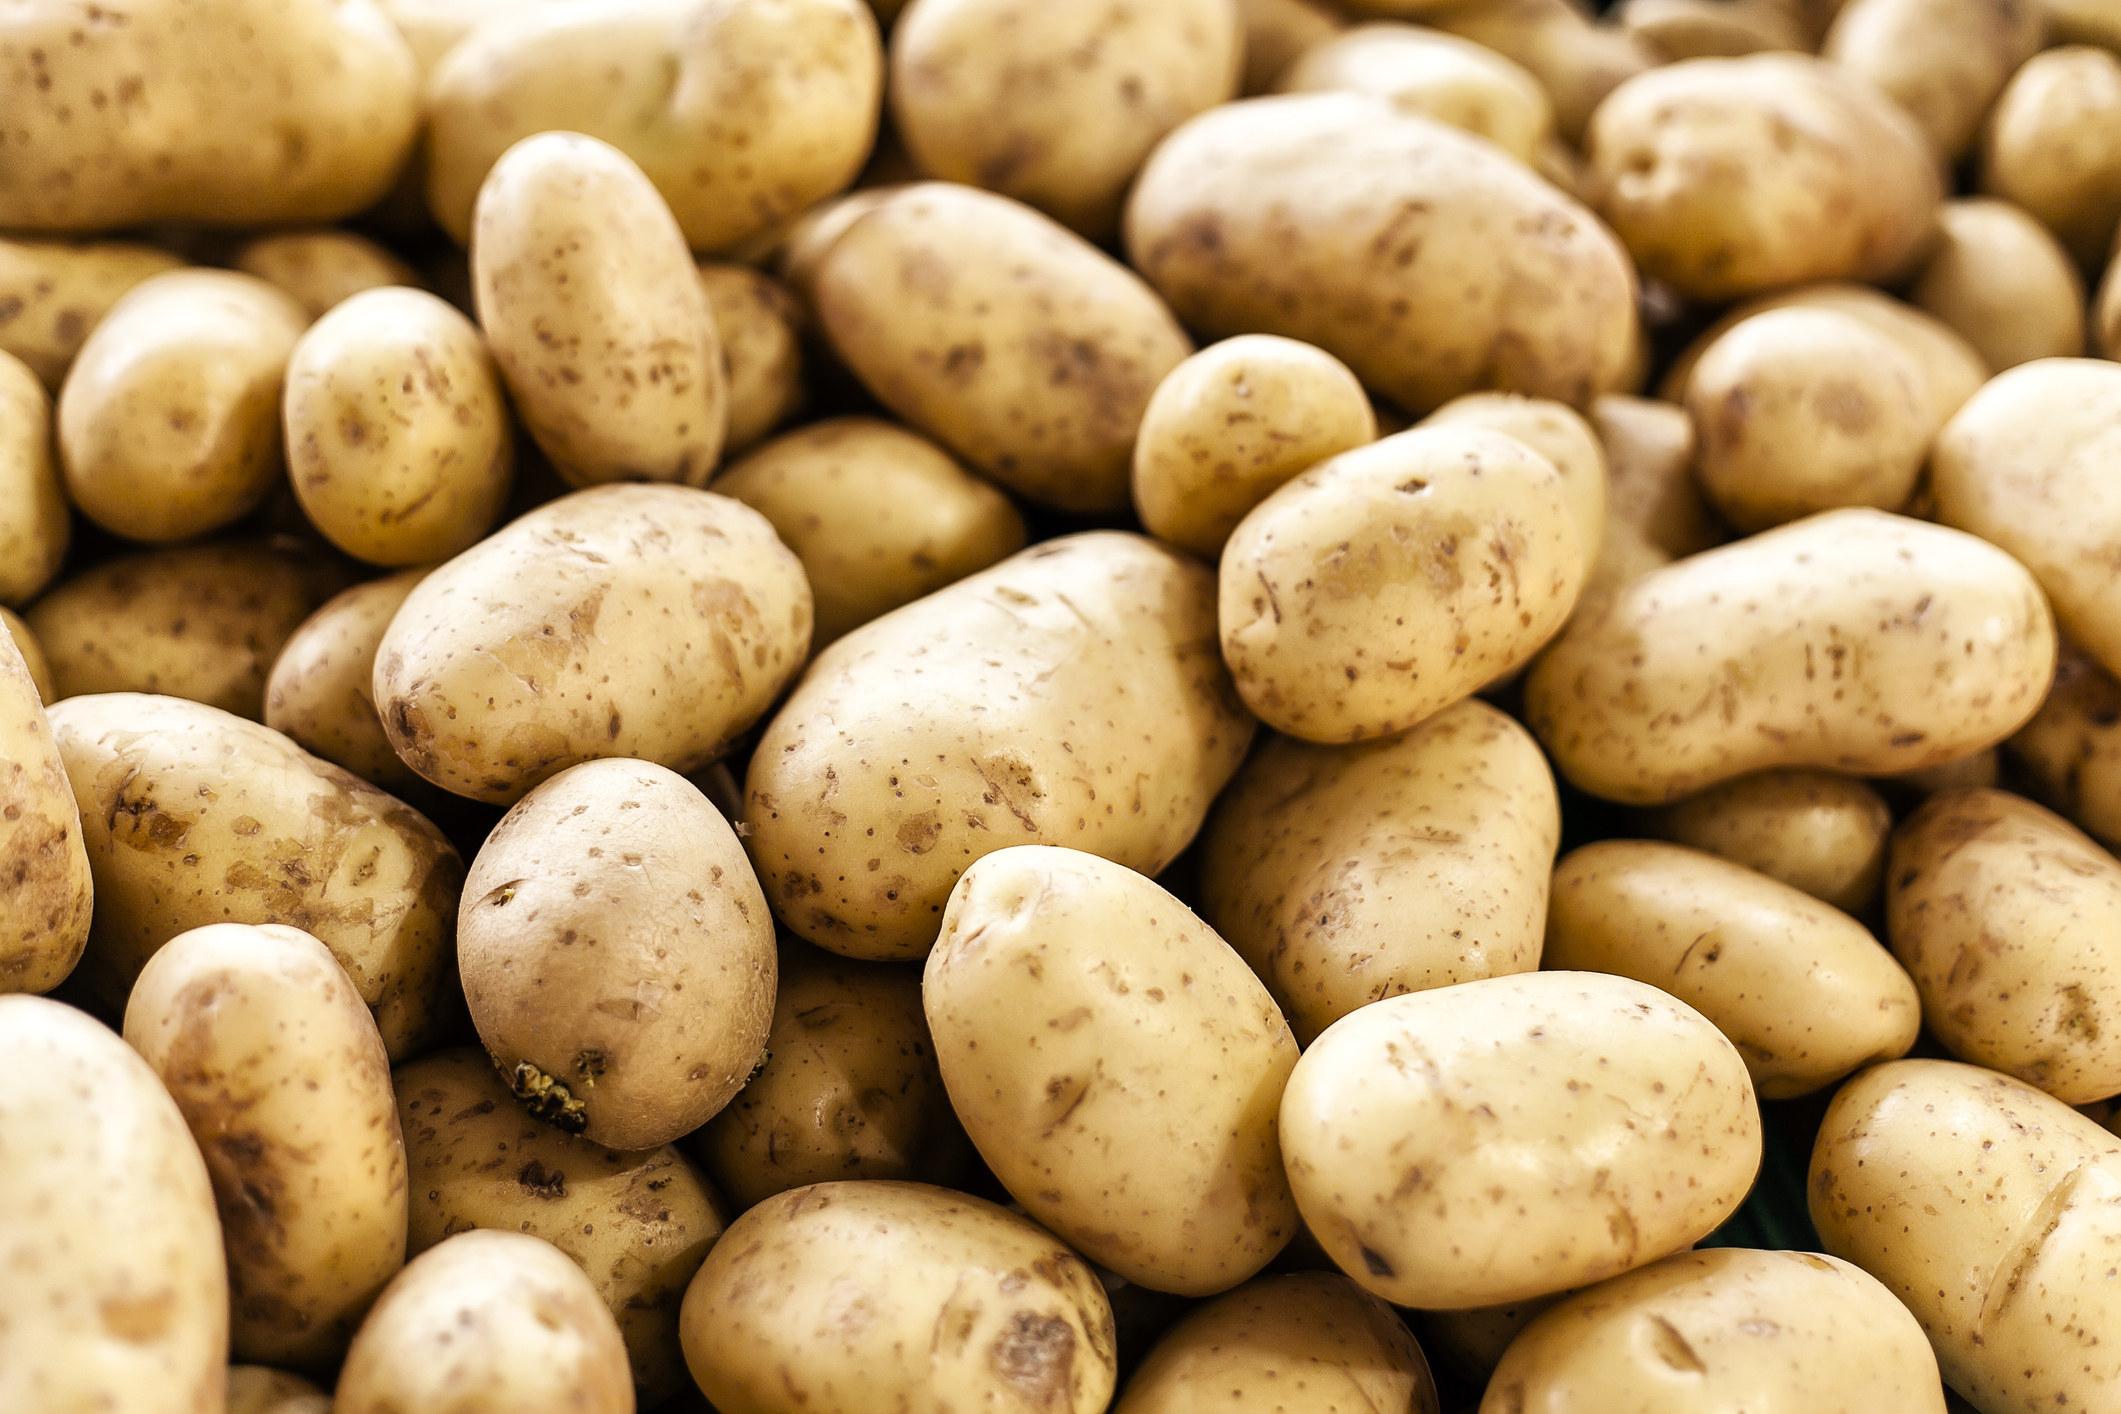 numerous potatoes